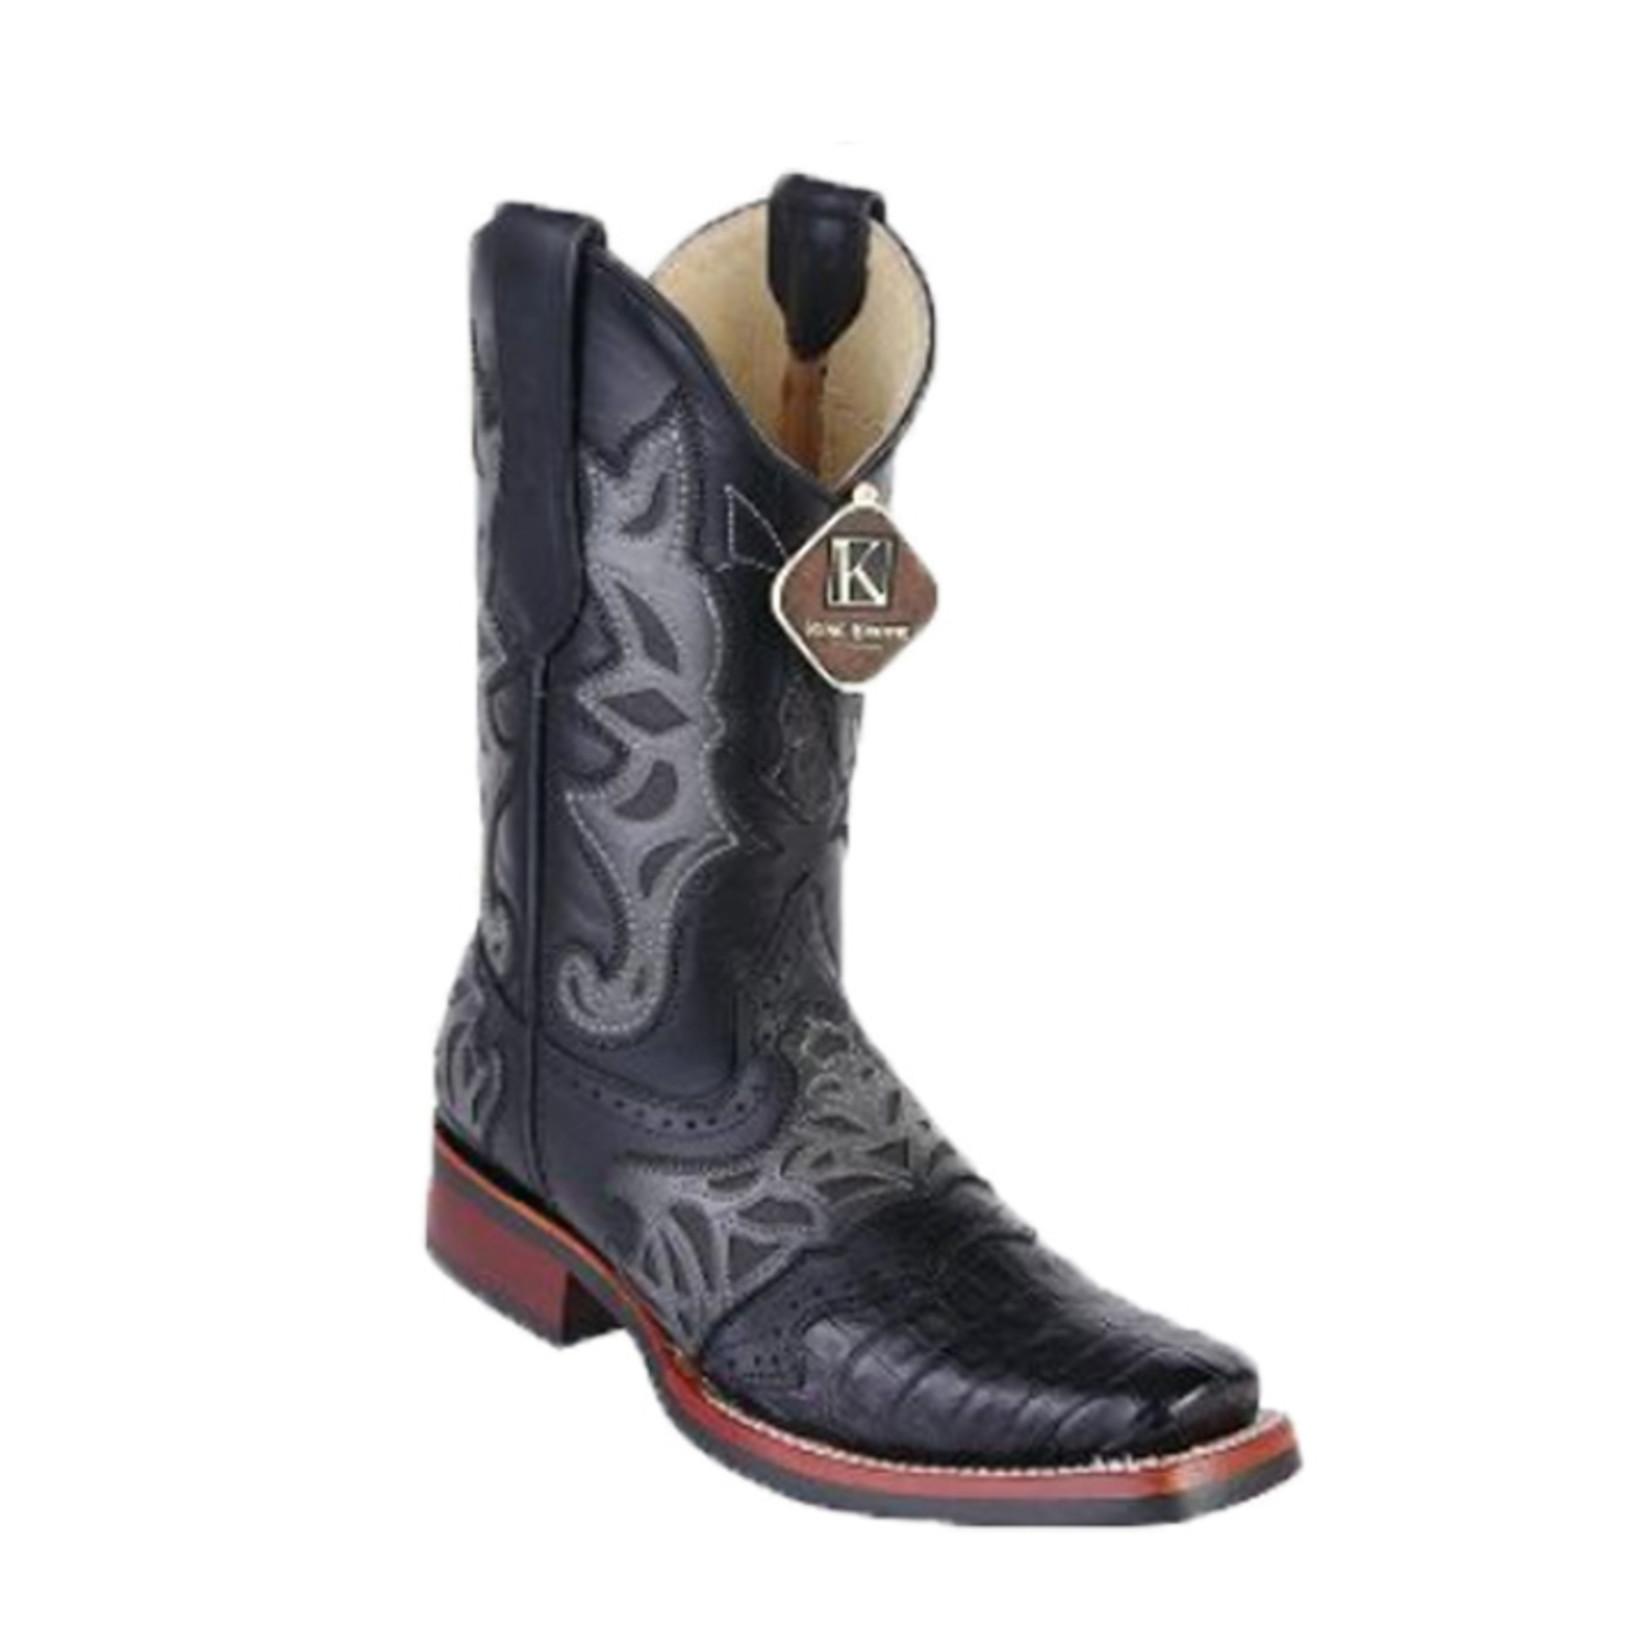 Men's Los Altos Rodeo Boot Caiman Belly Black 48118205